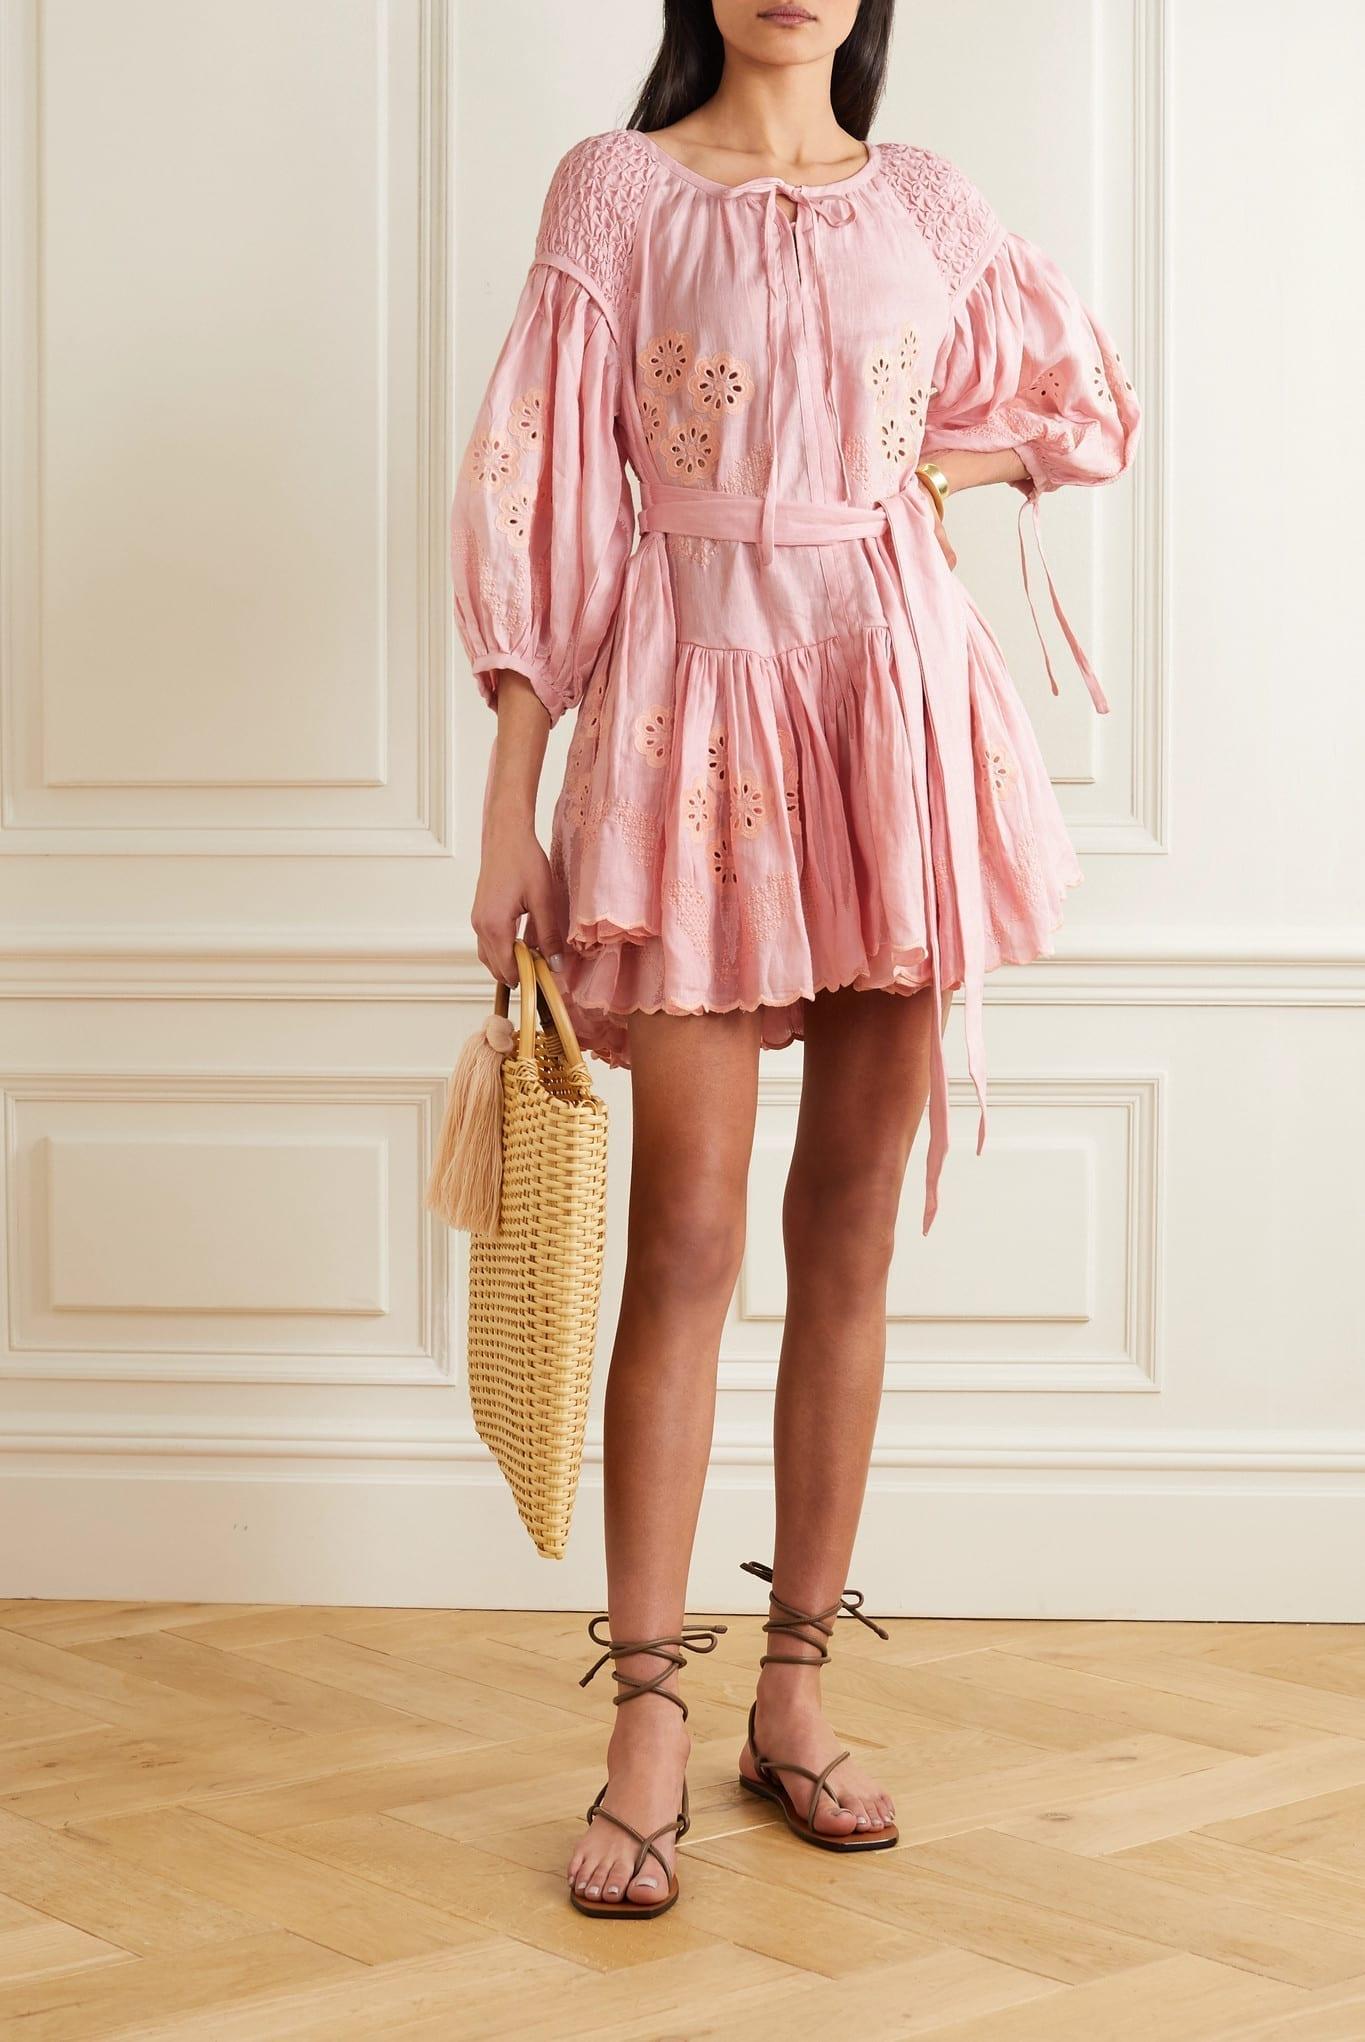 INNIKA CHOO Meg Nettick Ruffled Shirred Broderie Anglaise Linen Mini Dress